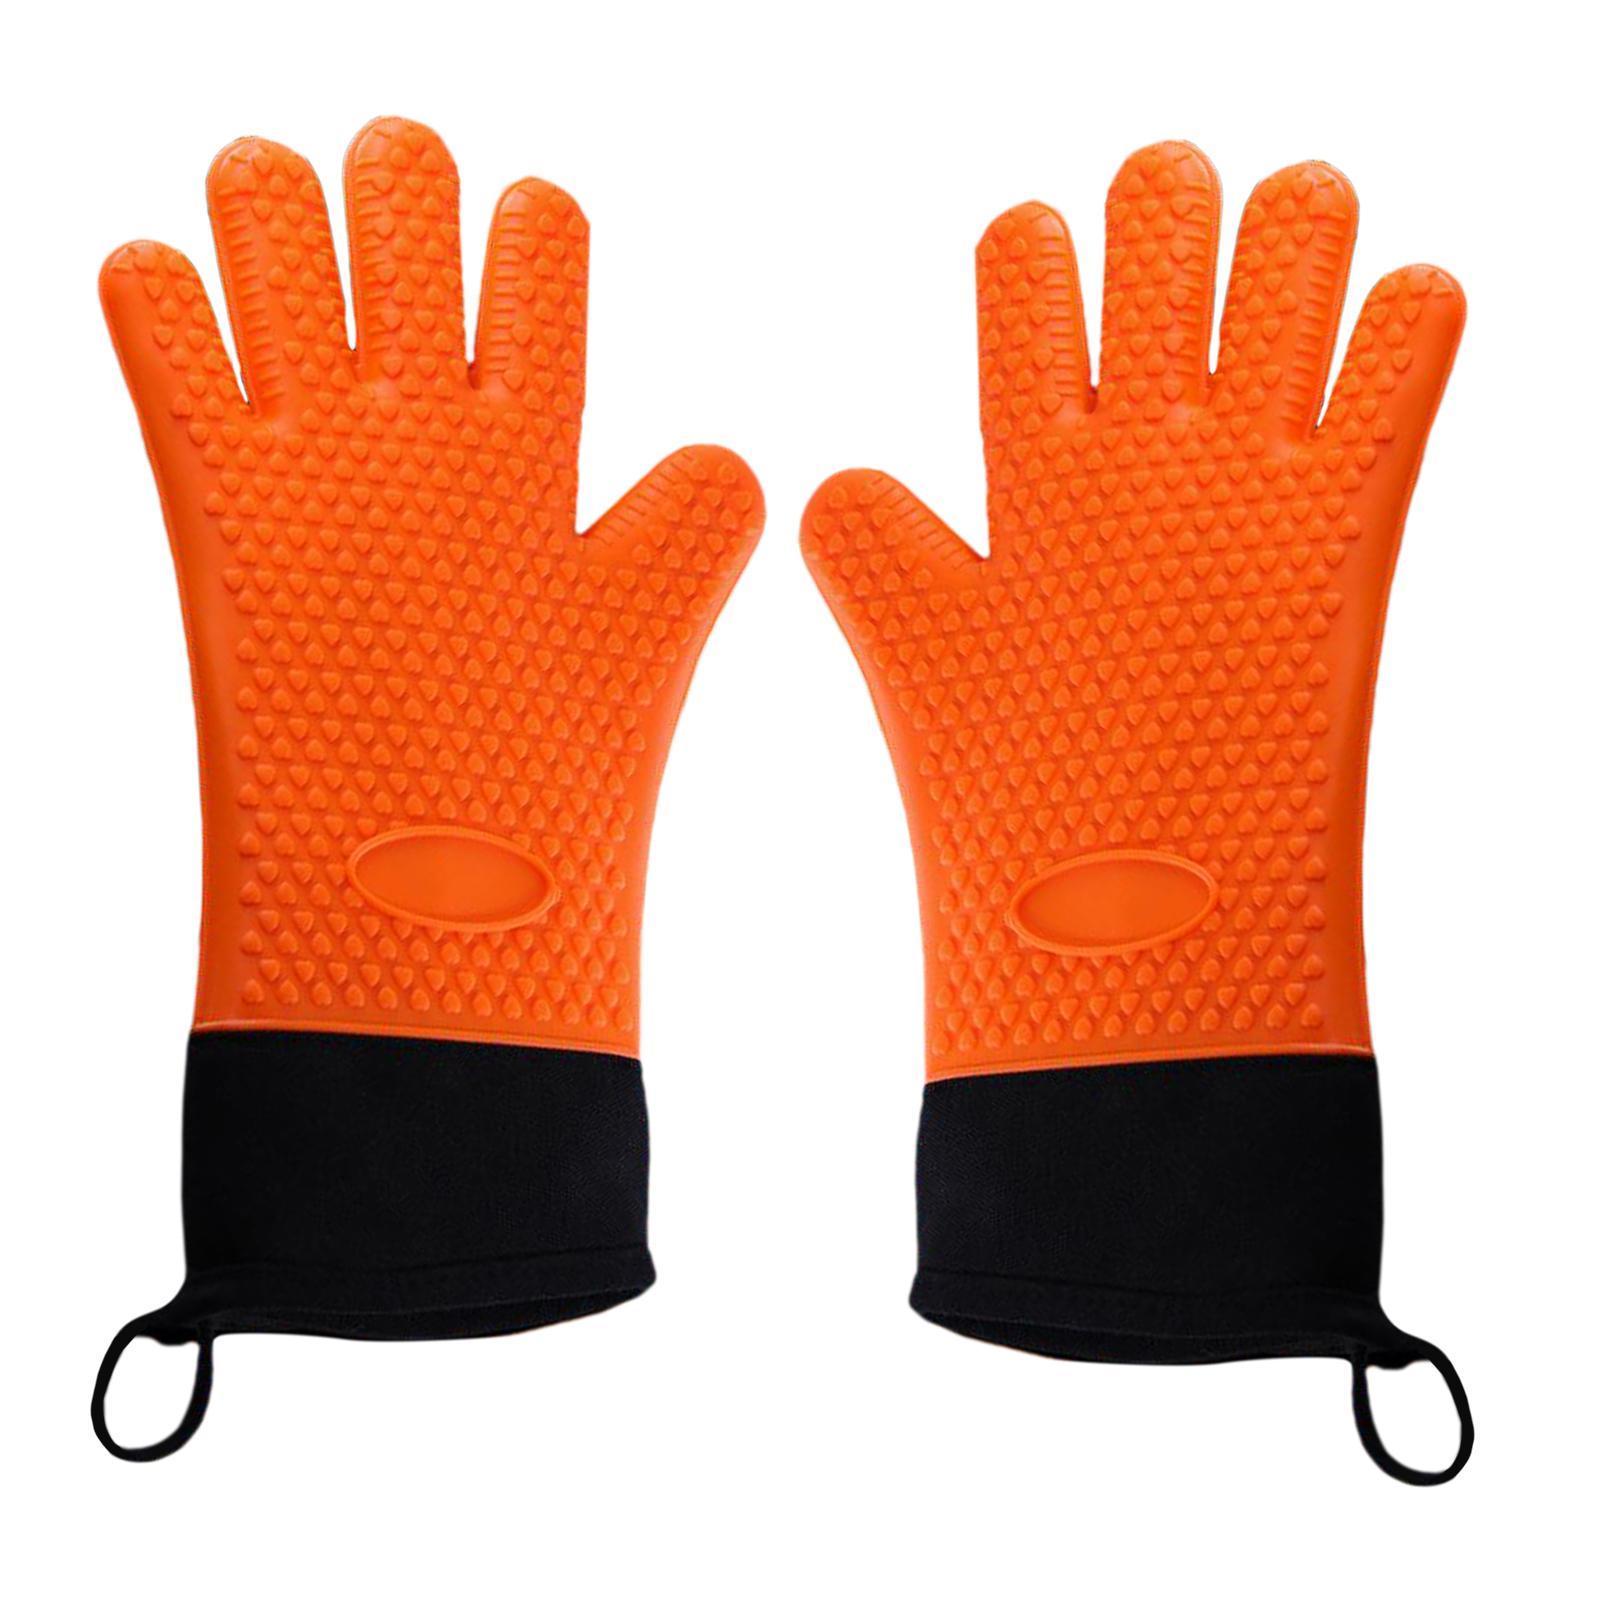 Guantes-para-horno-de-cocina-con-aislamiento-de-silicona-antideslizantes-guantes miniatura 9